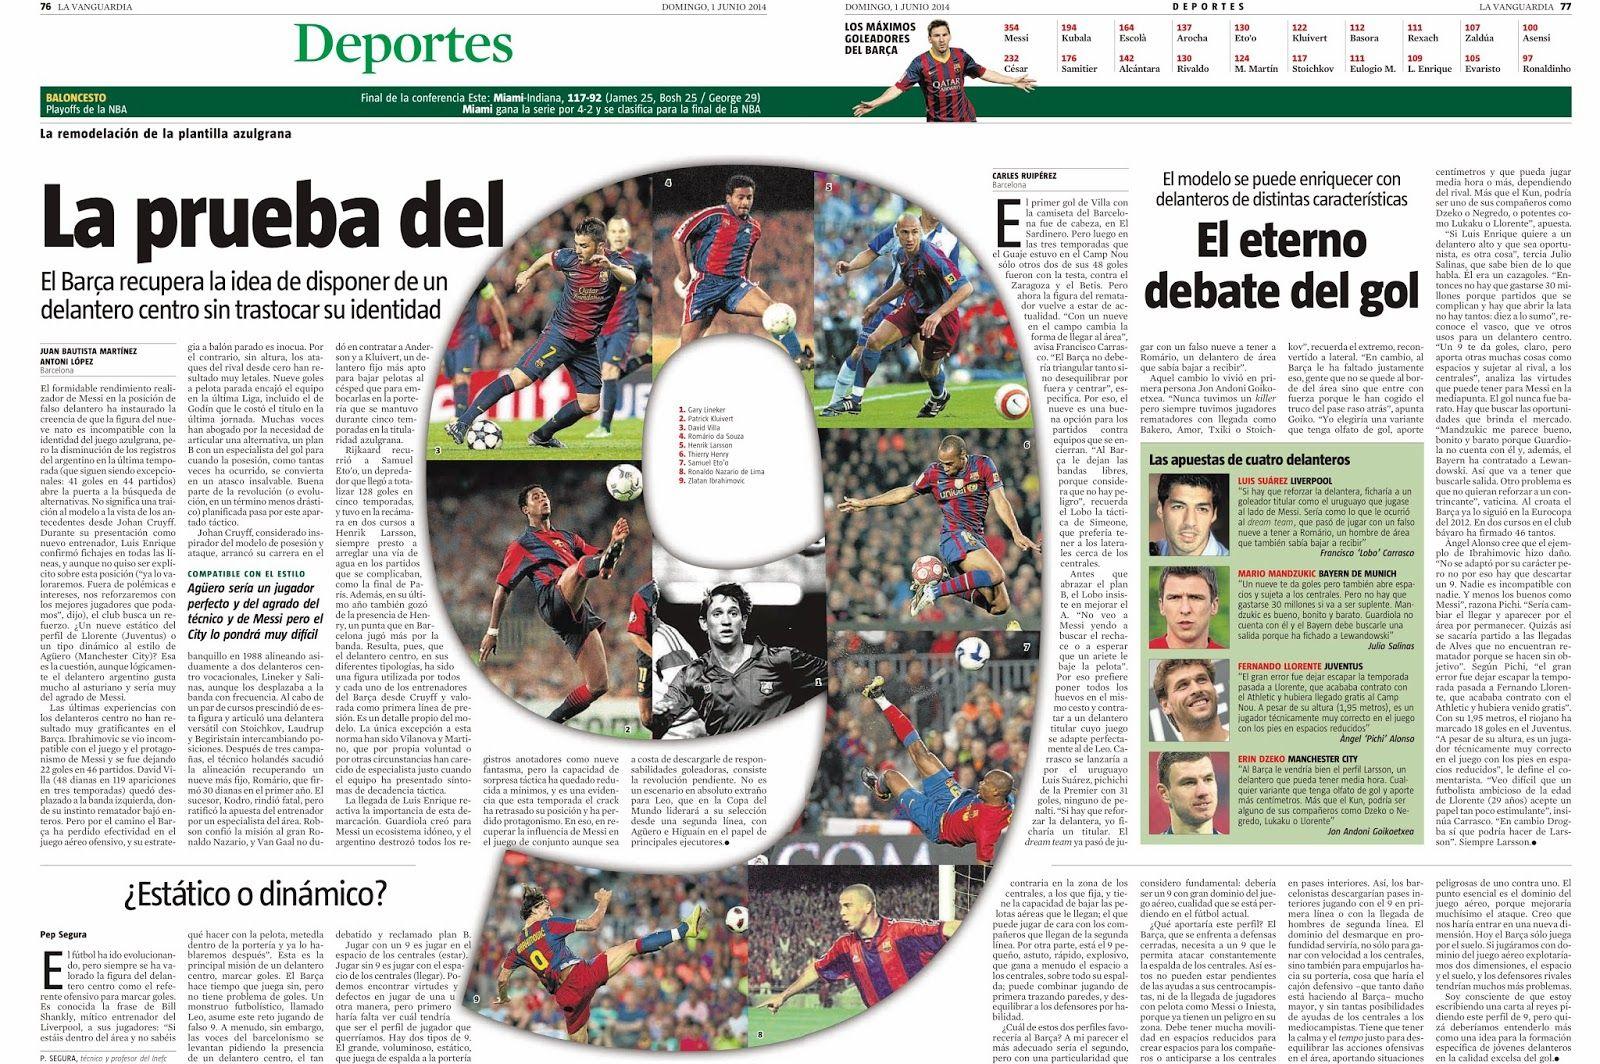 Siempre funciona - via Buena Prensa